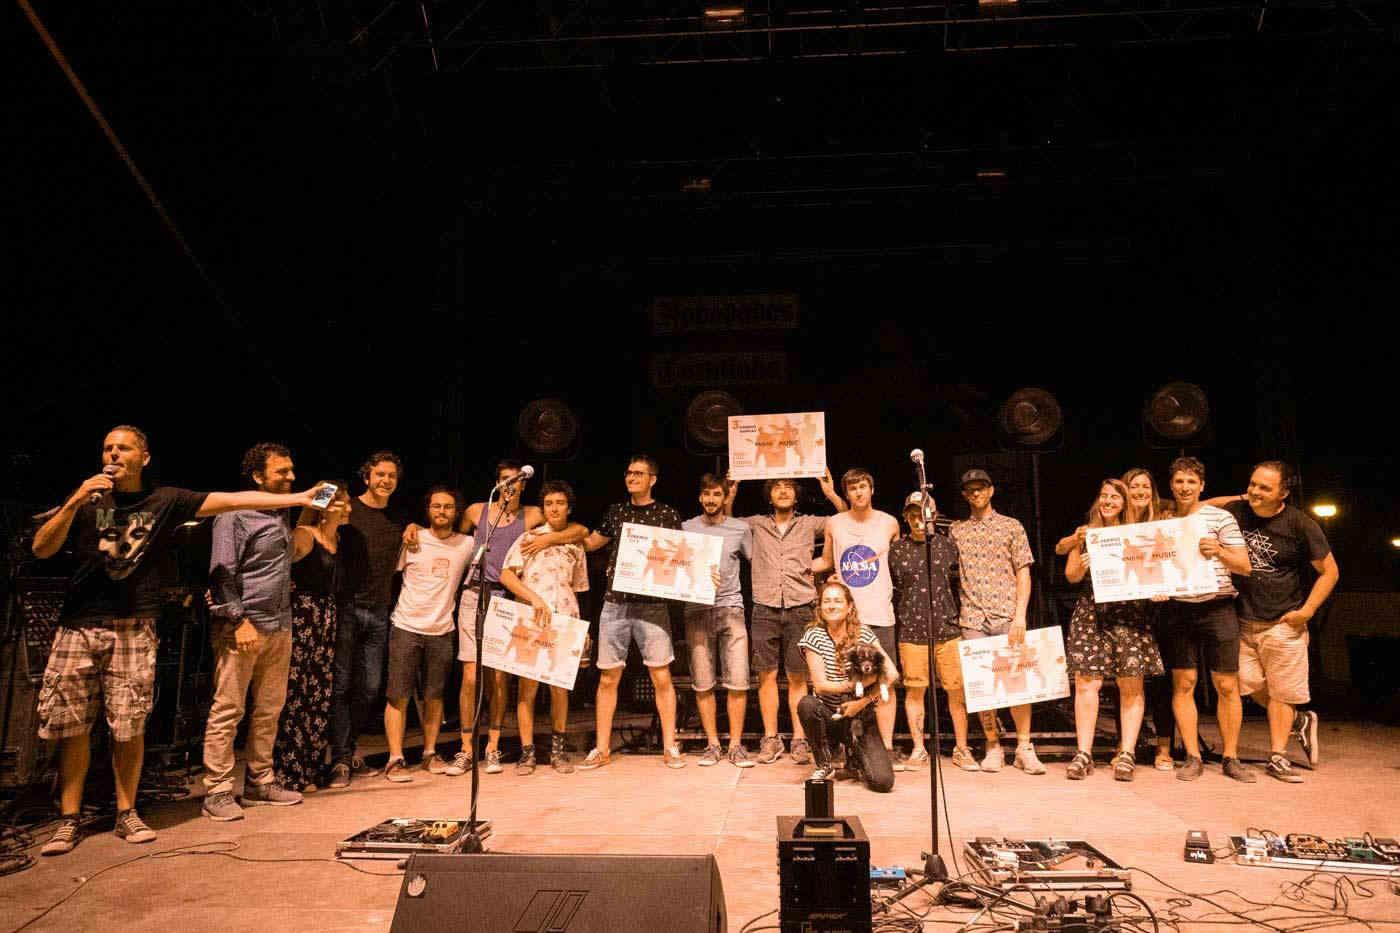 Concurso Ambar Z Music 2020: abierto el plazo de inscripciones